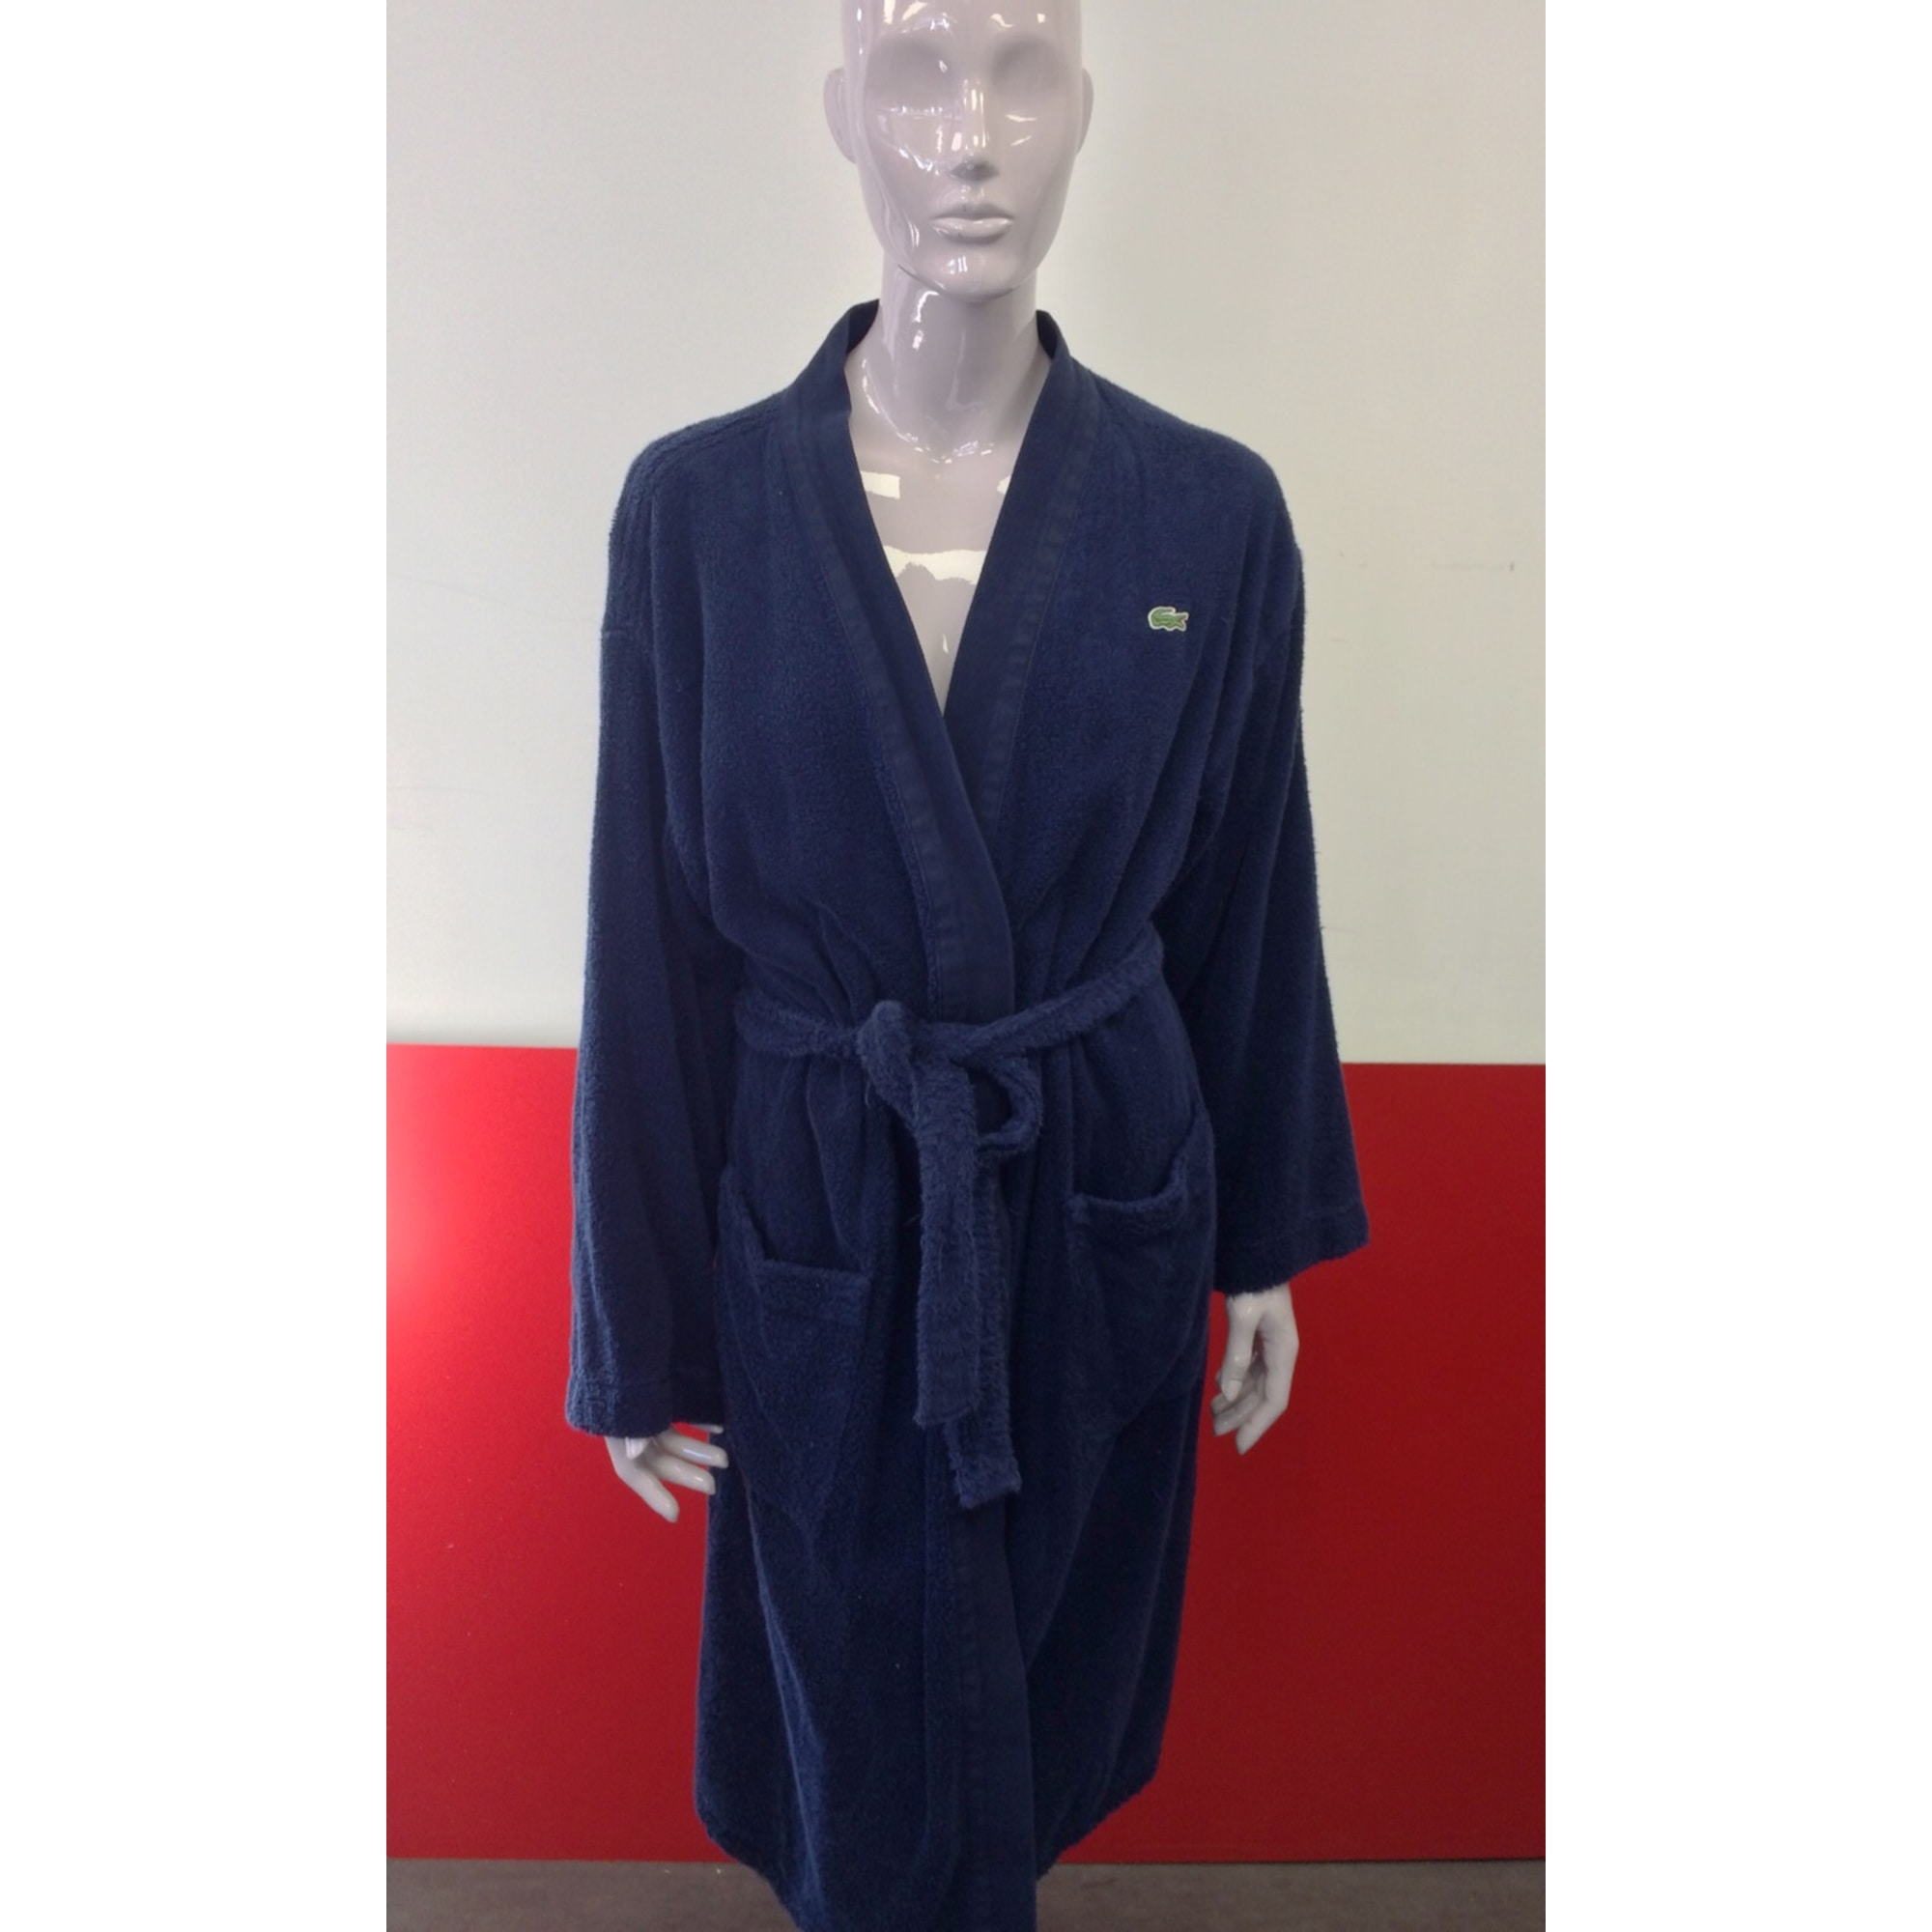 Robe Pour De Chambre Lacoste Homme wPOZiulkXT